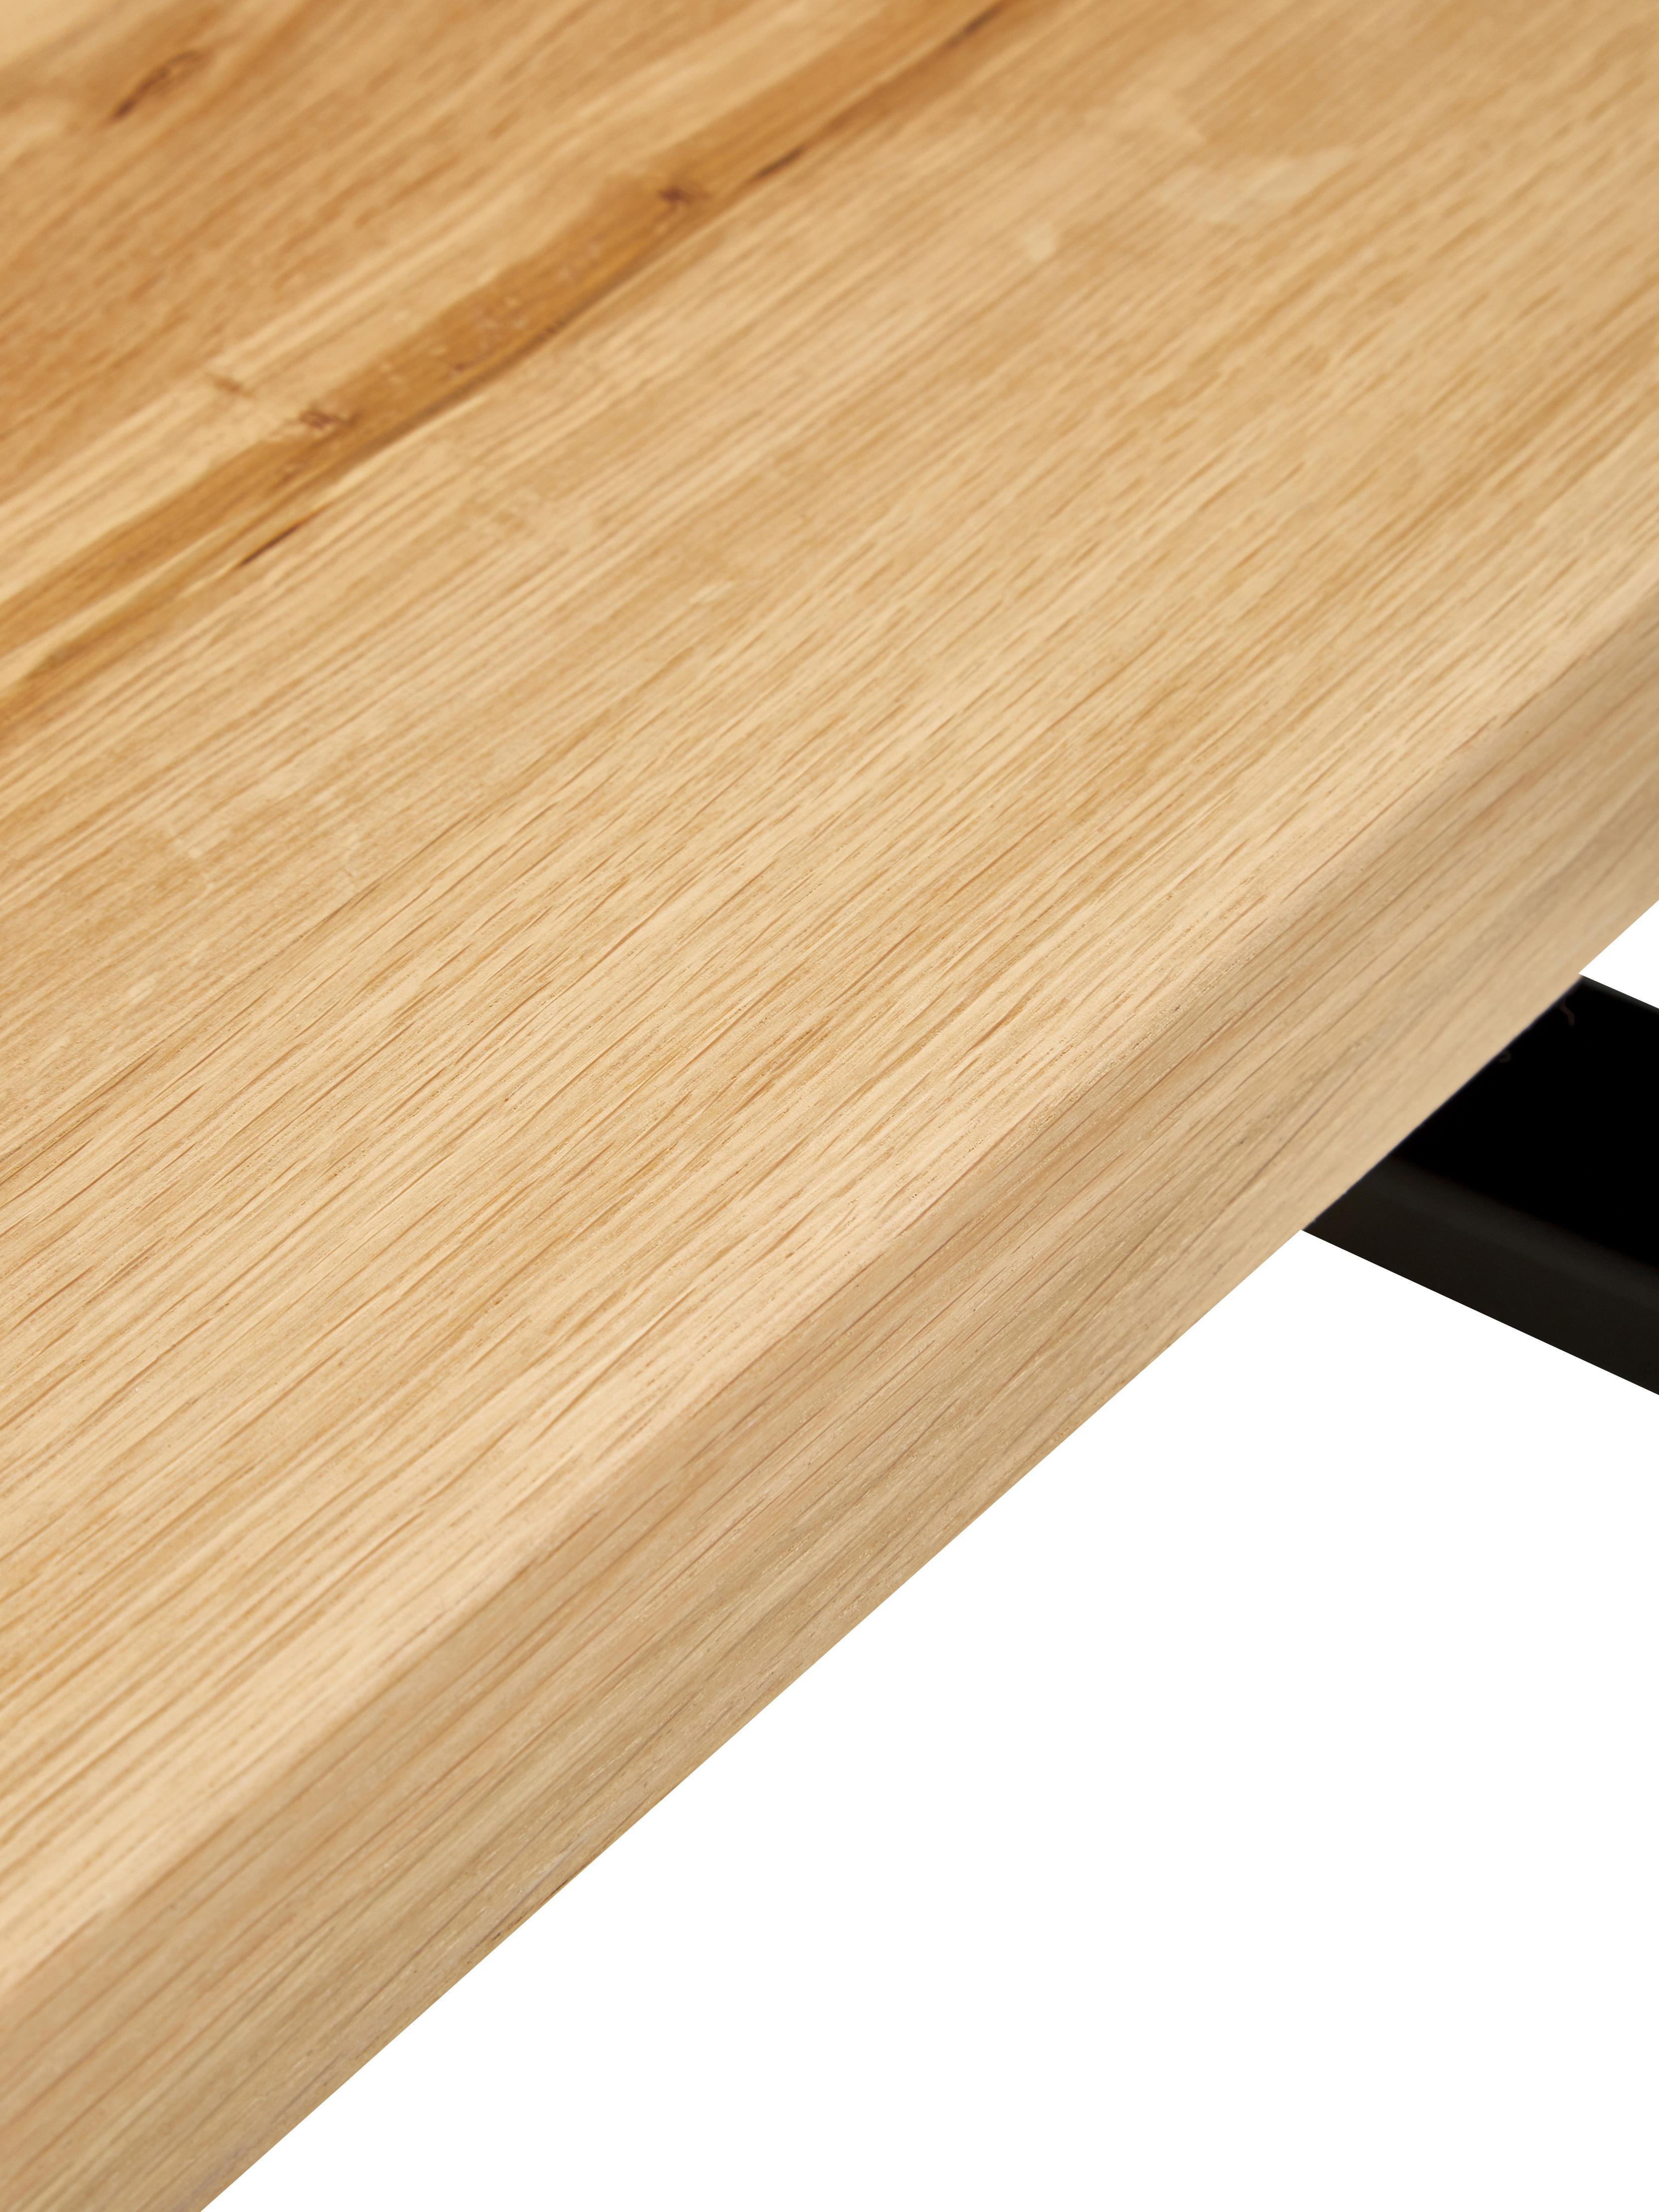 Esstisch Oliver mit Massivholzplatte, Tischplatte: Wildeichenlamellen, massi, Beine: Metall, lackiert, Tischplatte: Wildeiche, Beine: Mattschwarz, B 180 x T 90 cm